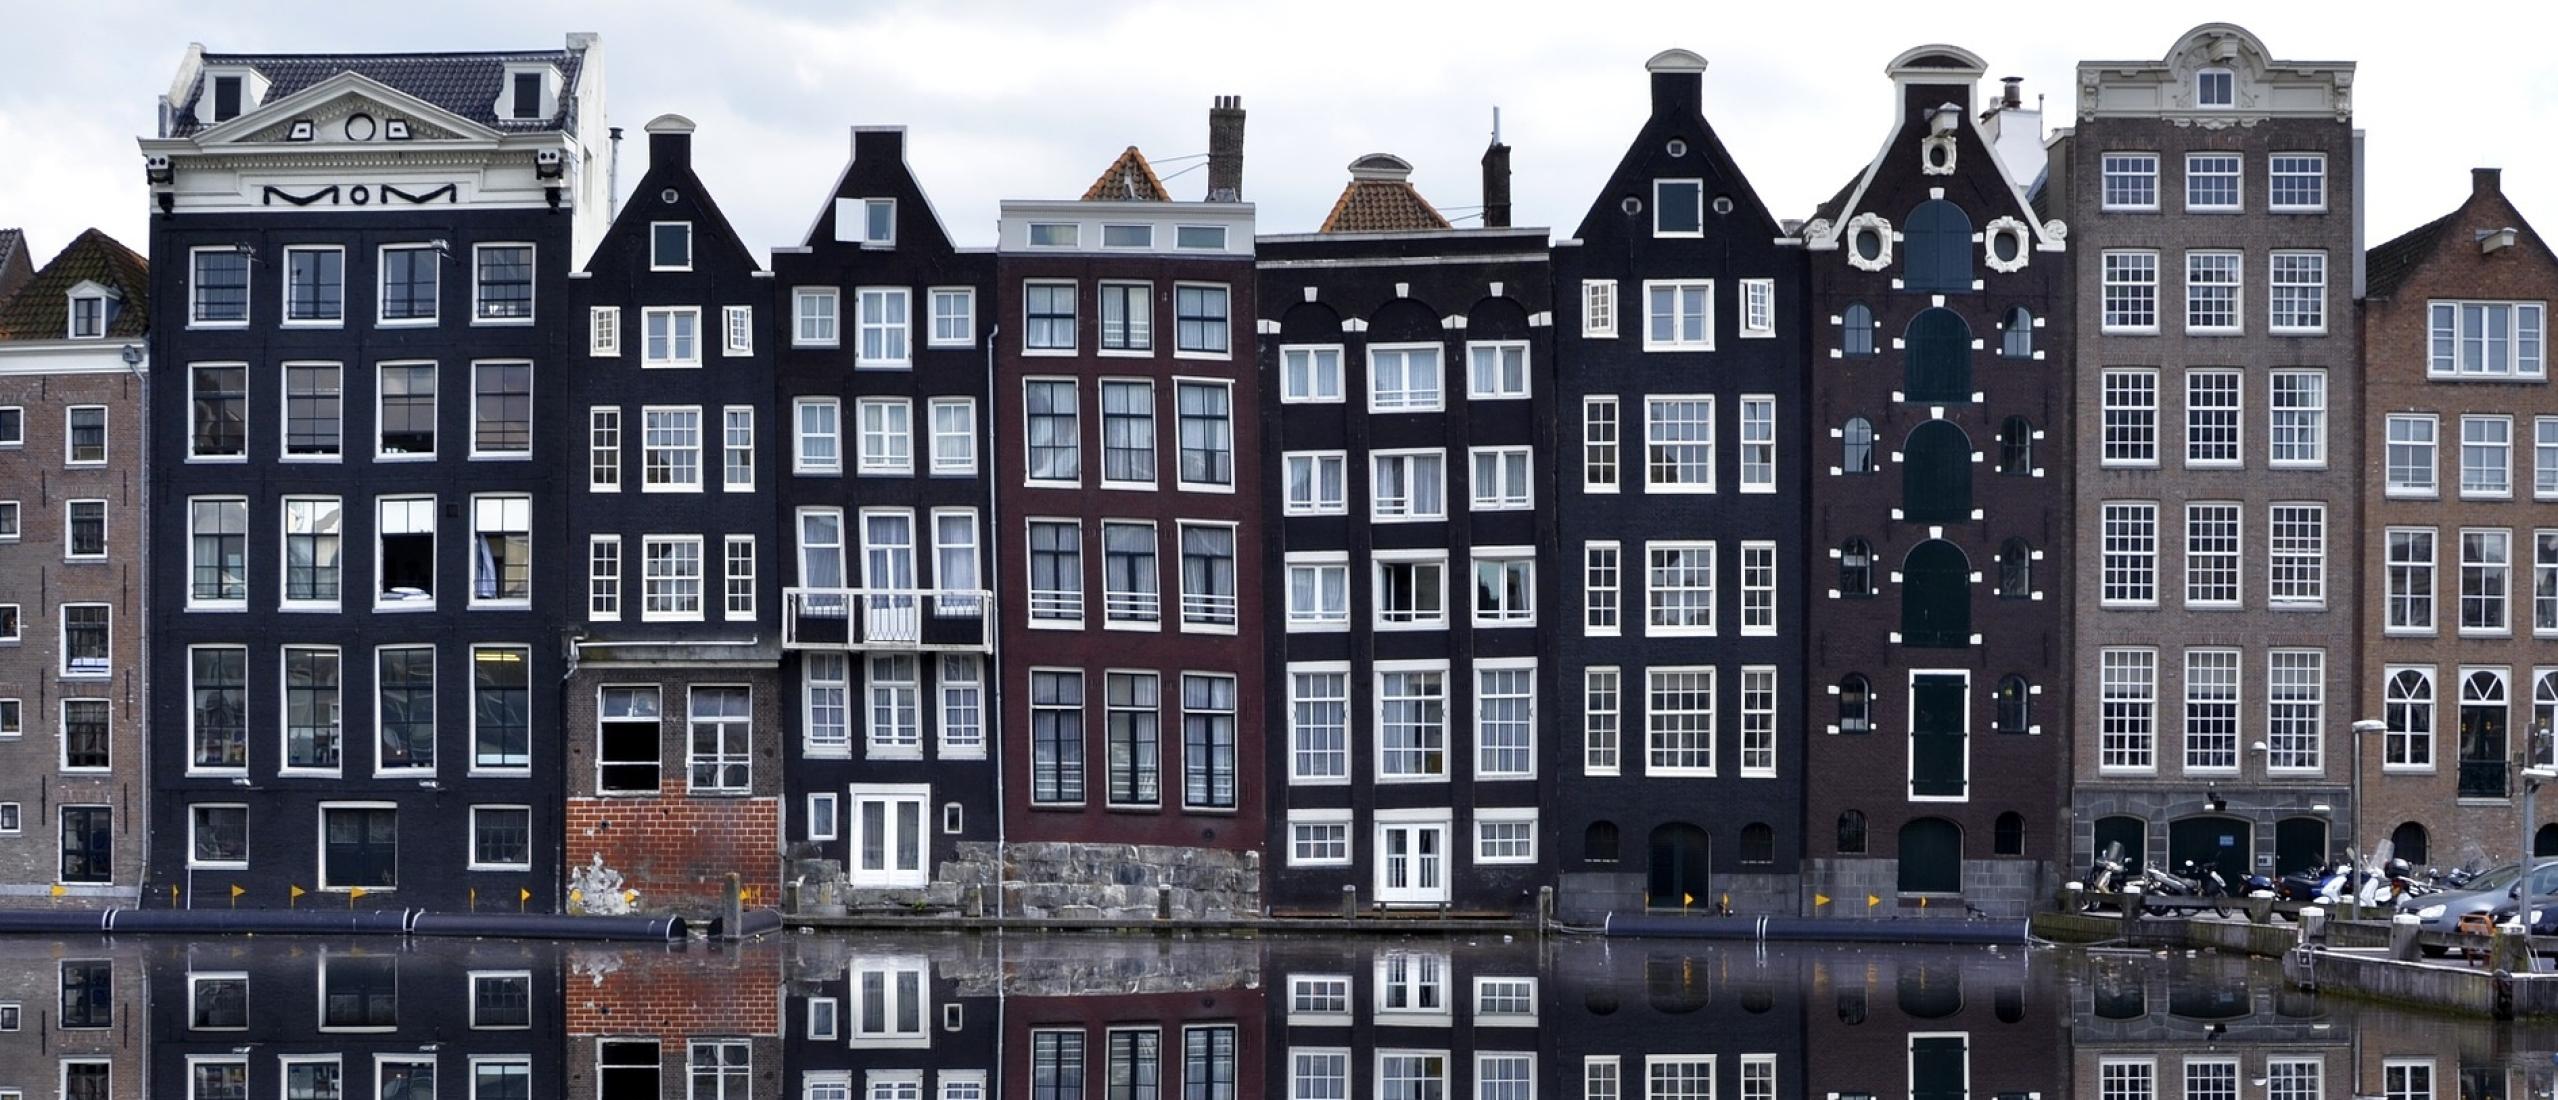 Beste plekjes om foto's te maken in amsterdam